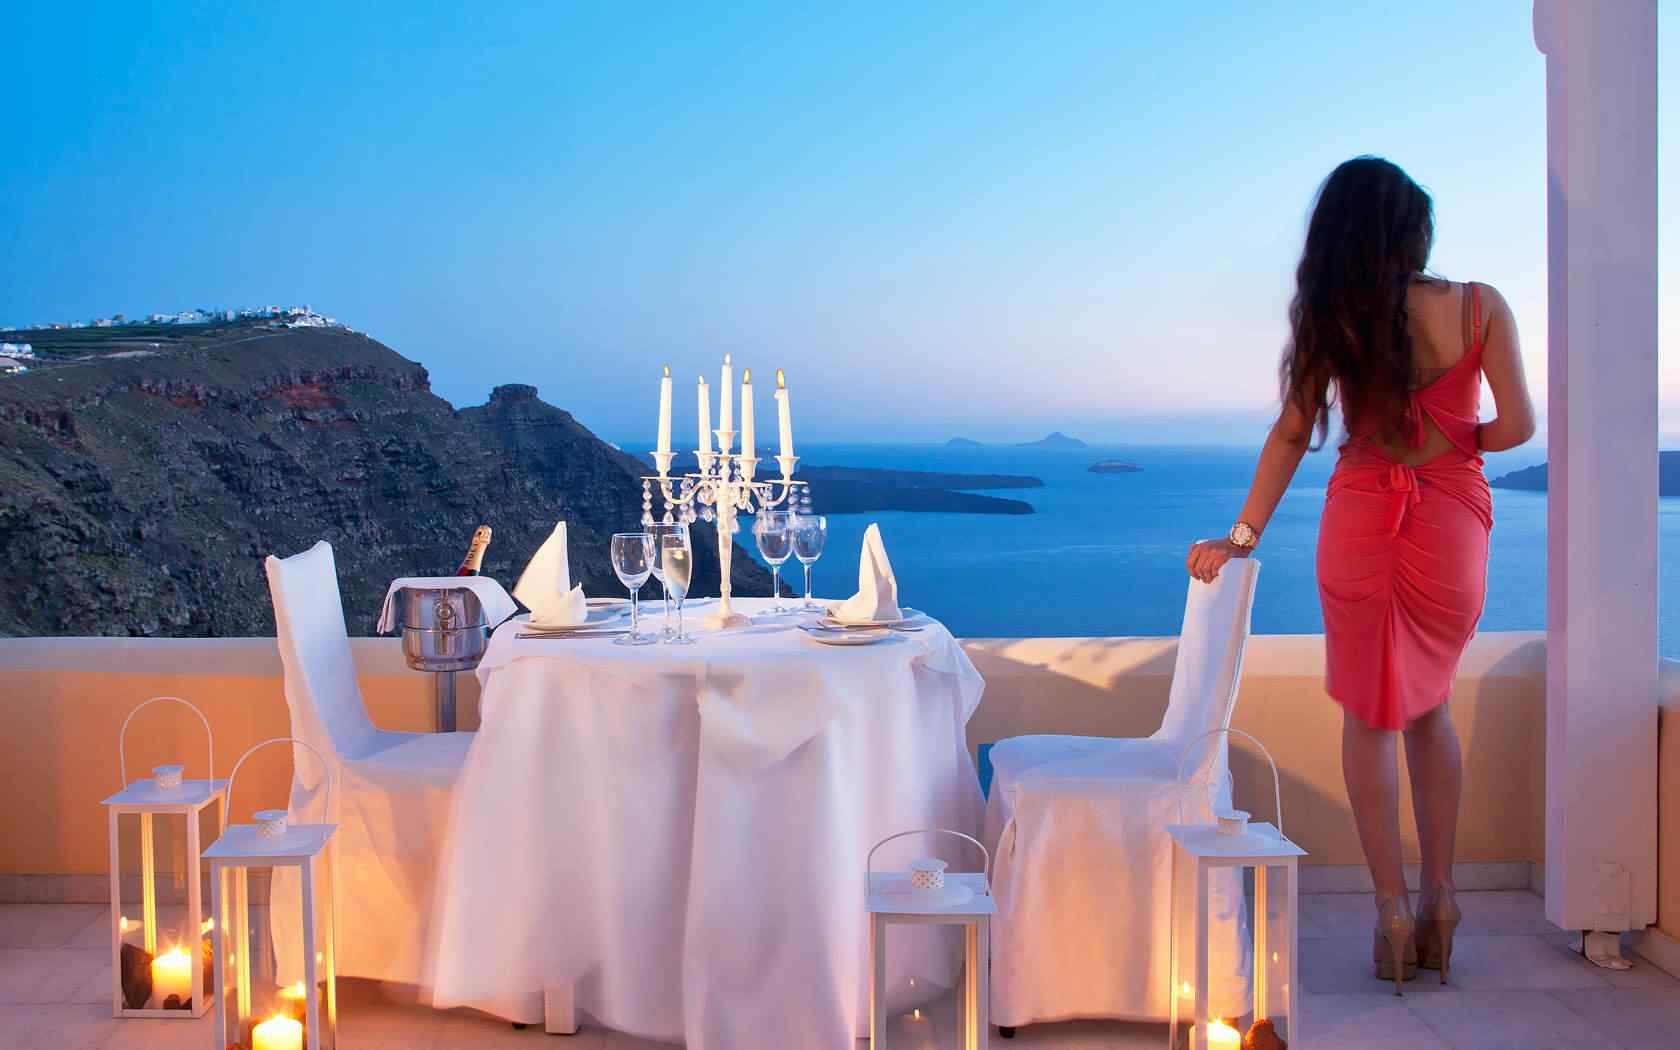 20 lugares onde seria muito legal de estar com os amigos ou amores